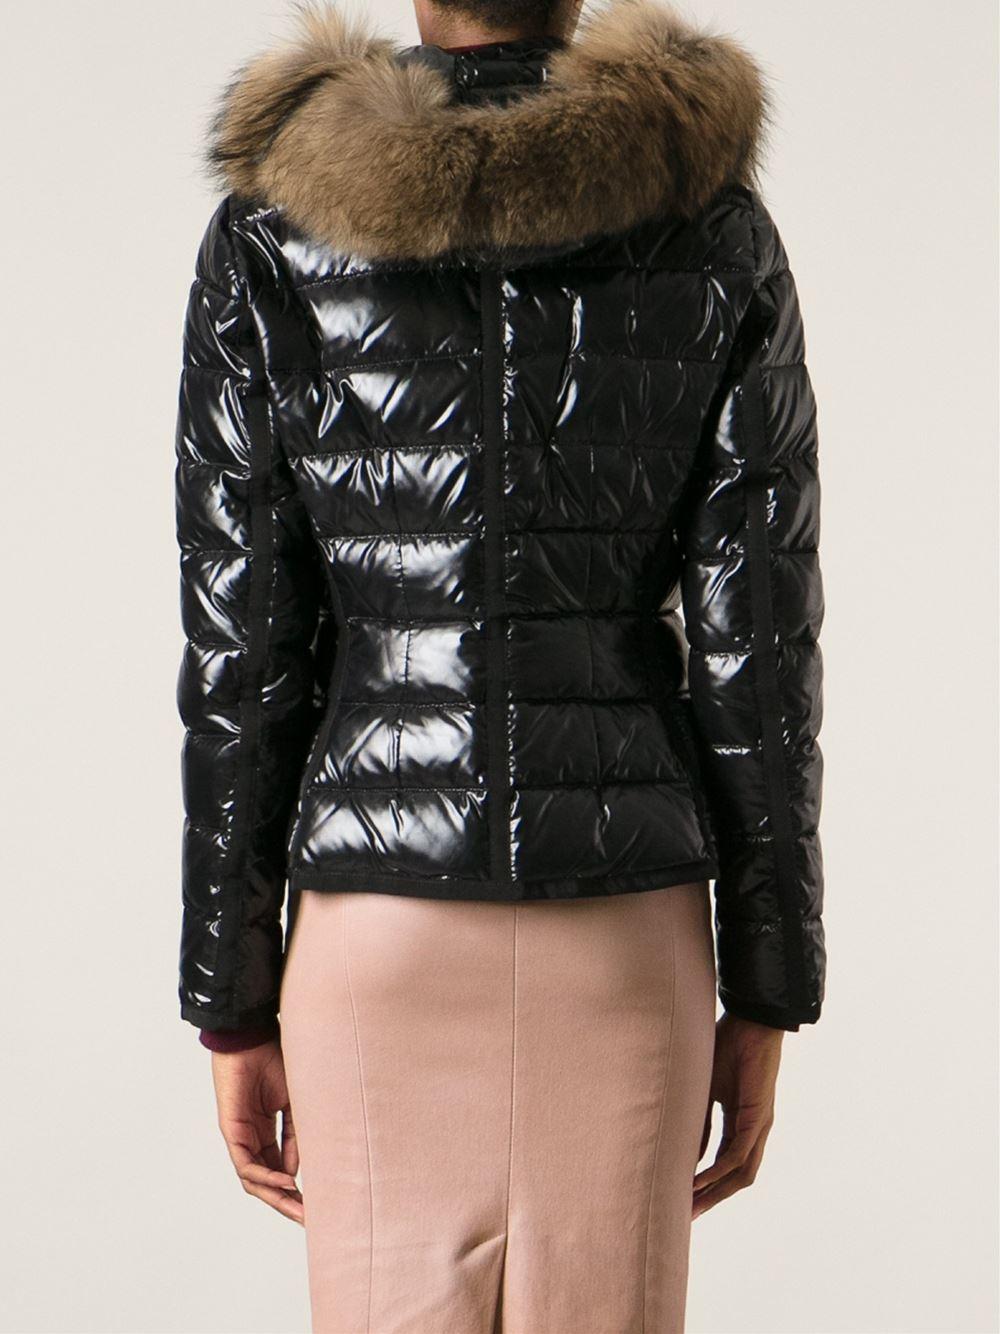 moncler shiny jacket